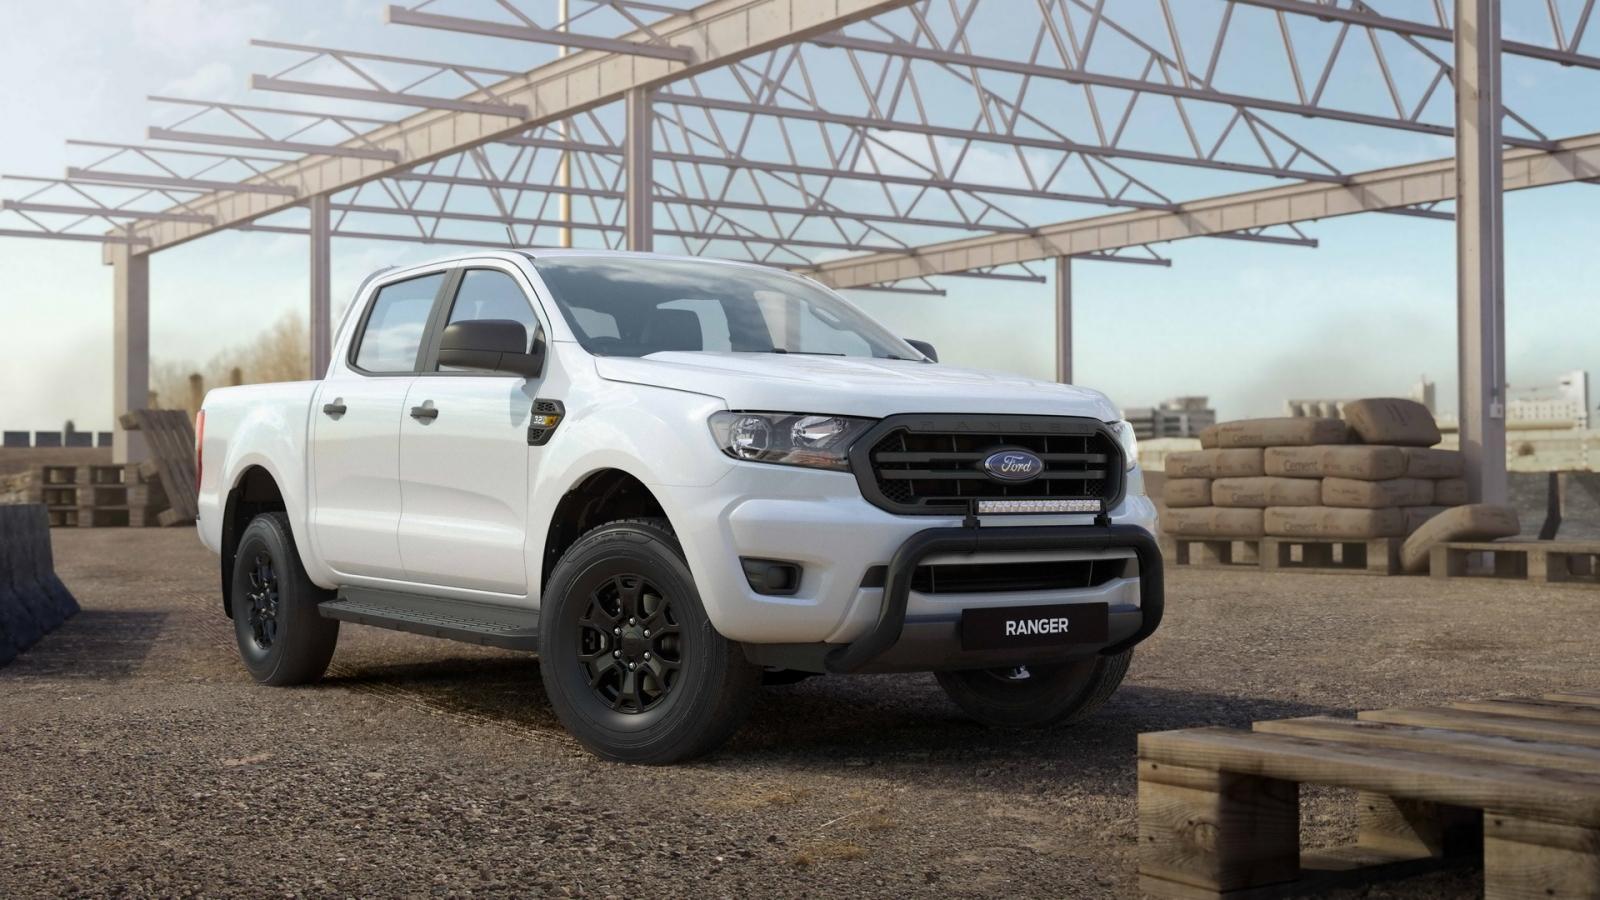 Ford Ranger Tradie 2021 ra mắt tại Autralia